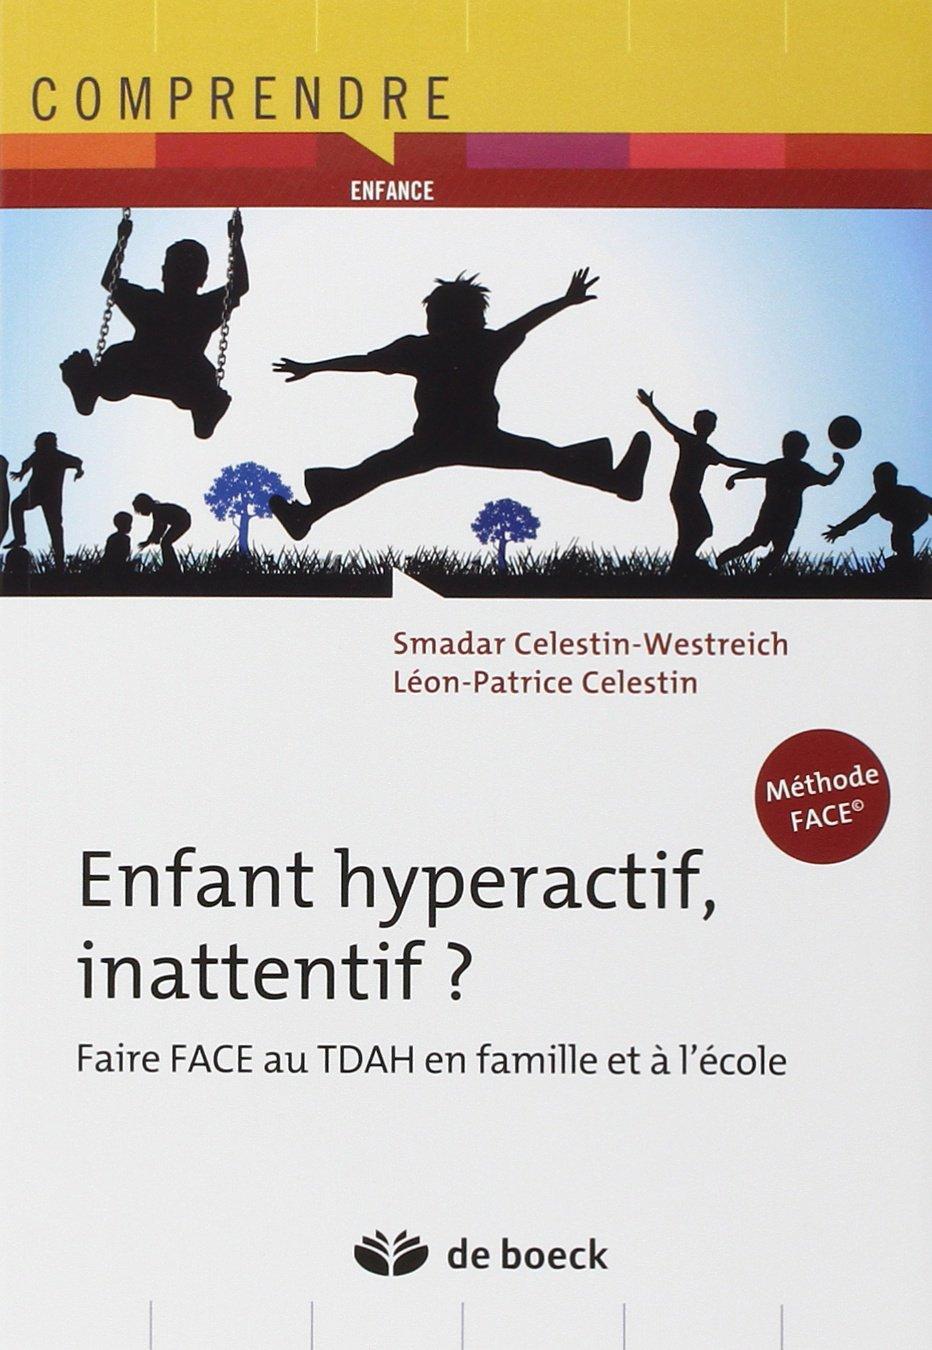 Enfant hyperactif, inattentif? Faire FACE au TDAH en famille et à l'école. Smadar Celestin-Westreich & Leon-Patrice Celestin, De Boeck, 2014